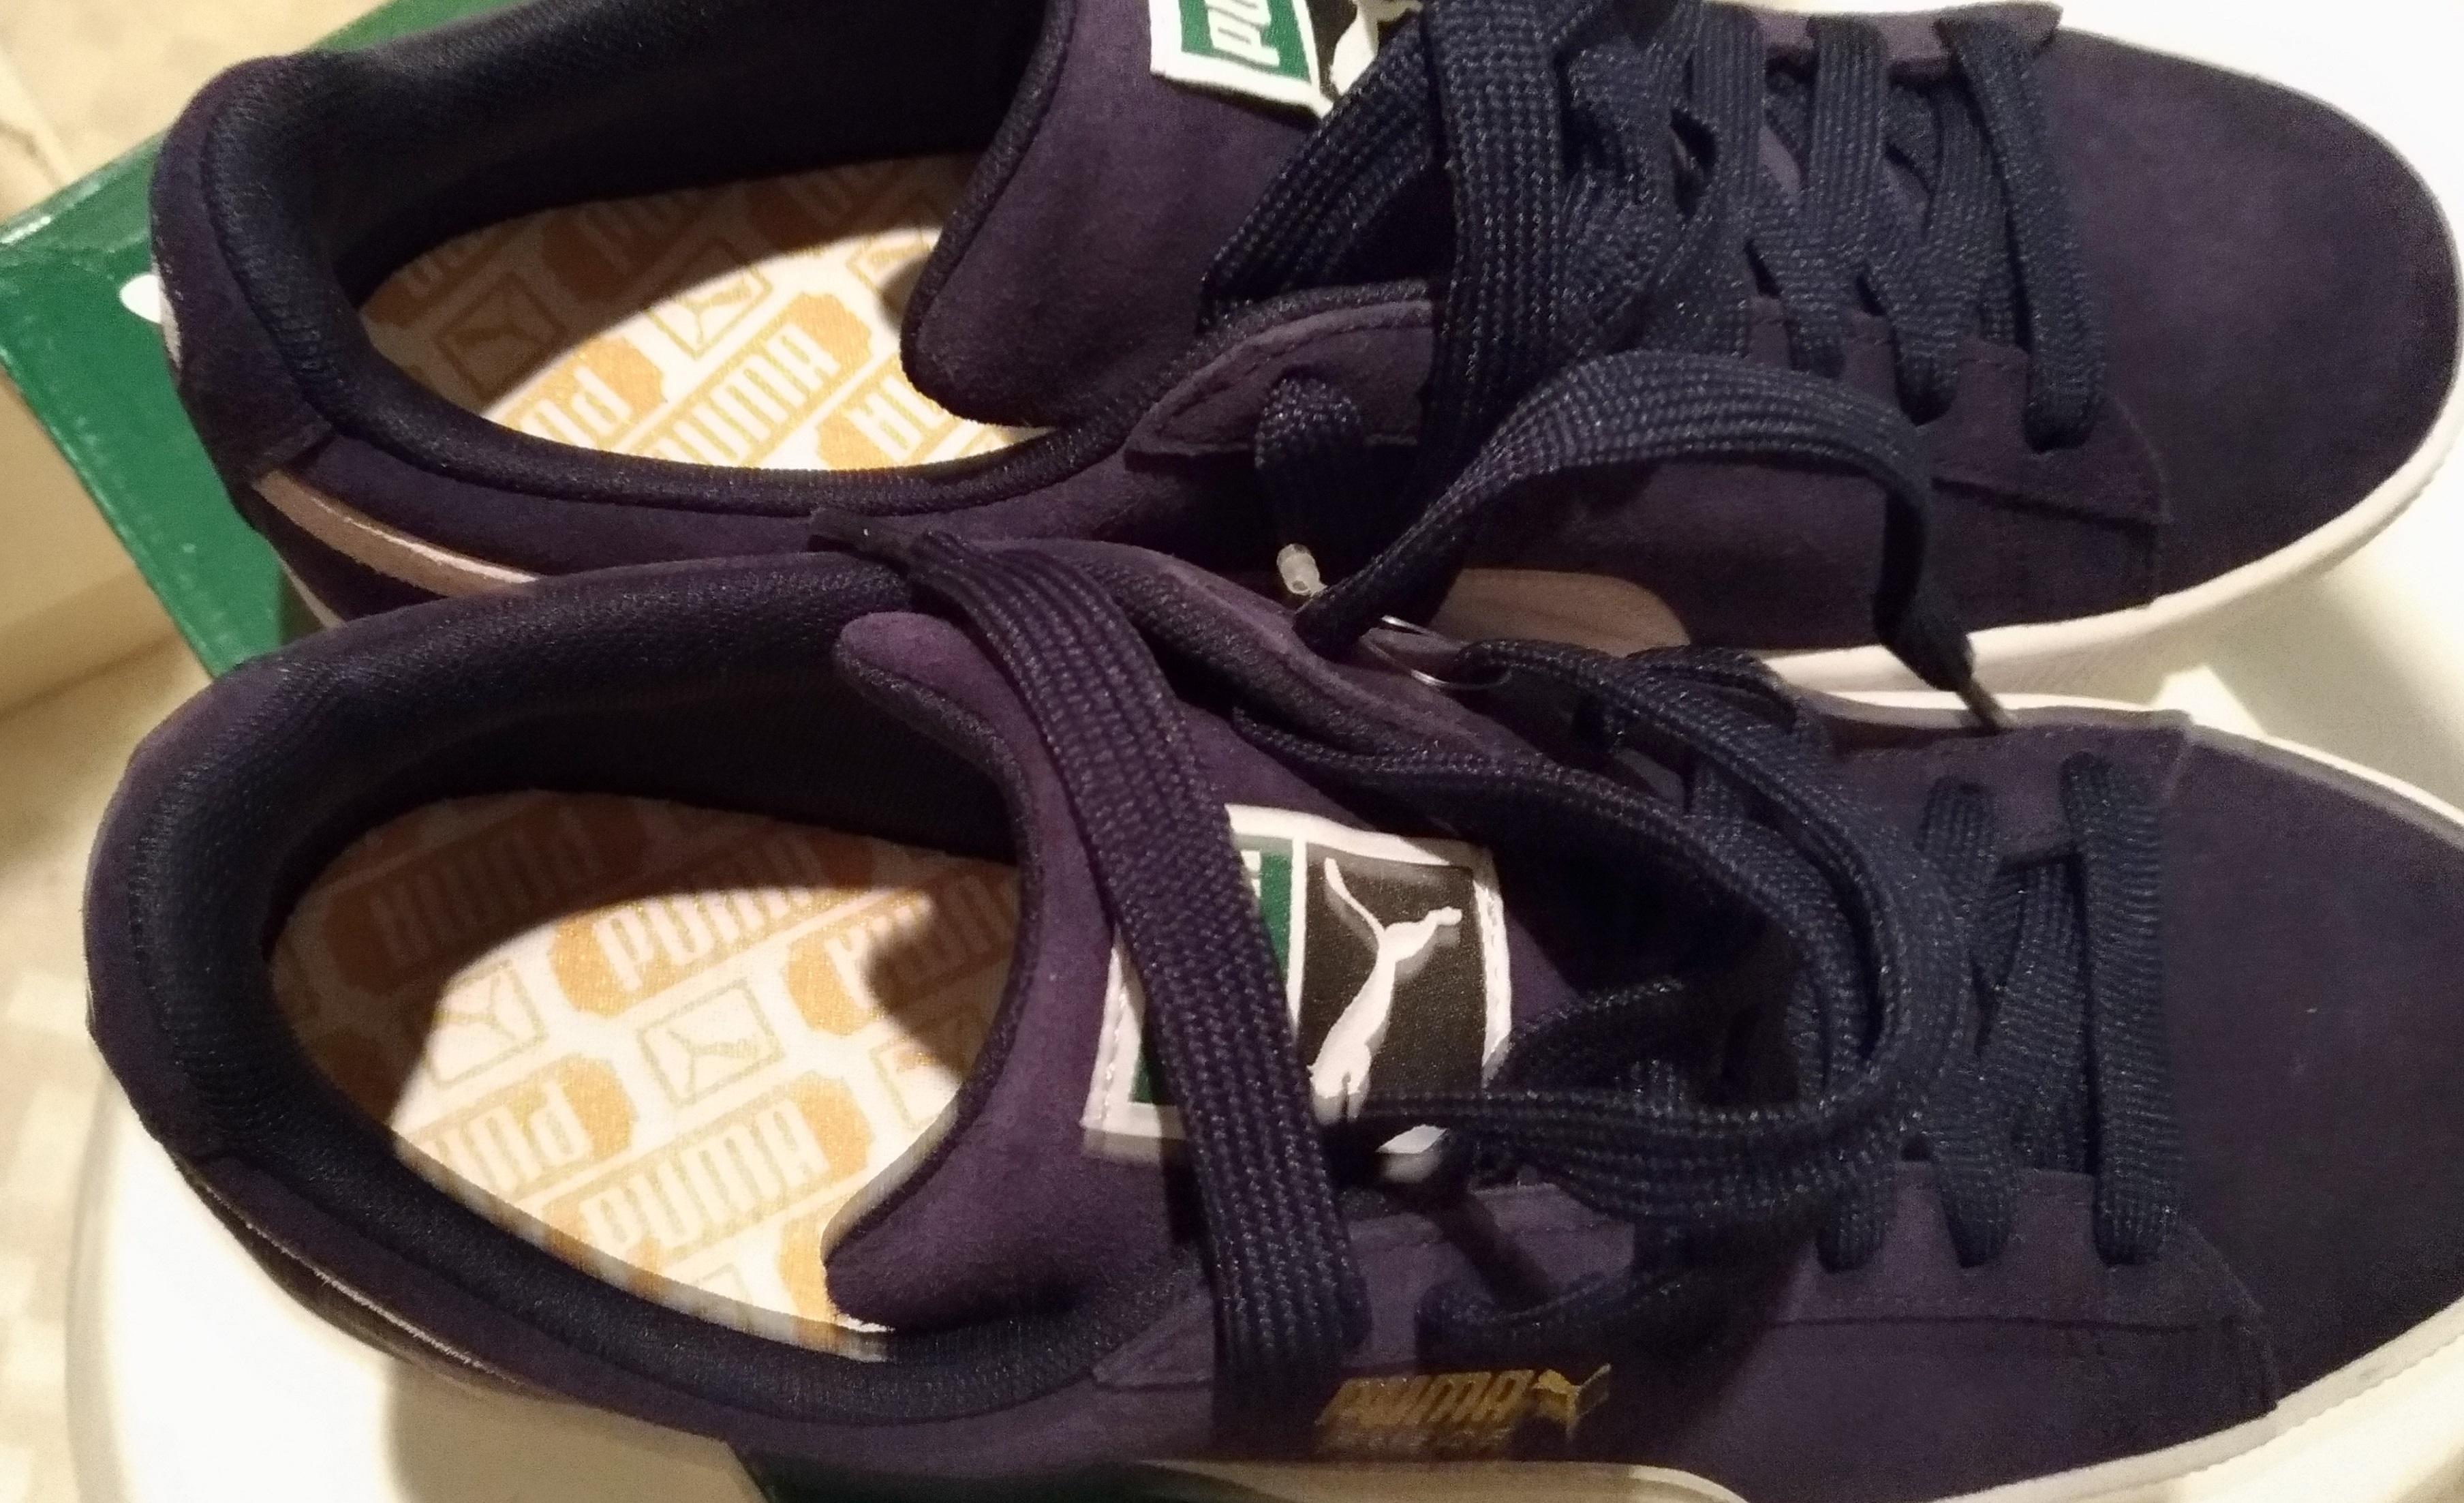 puma_sneakers2.jpg